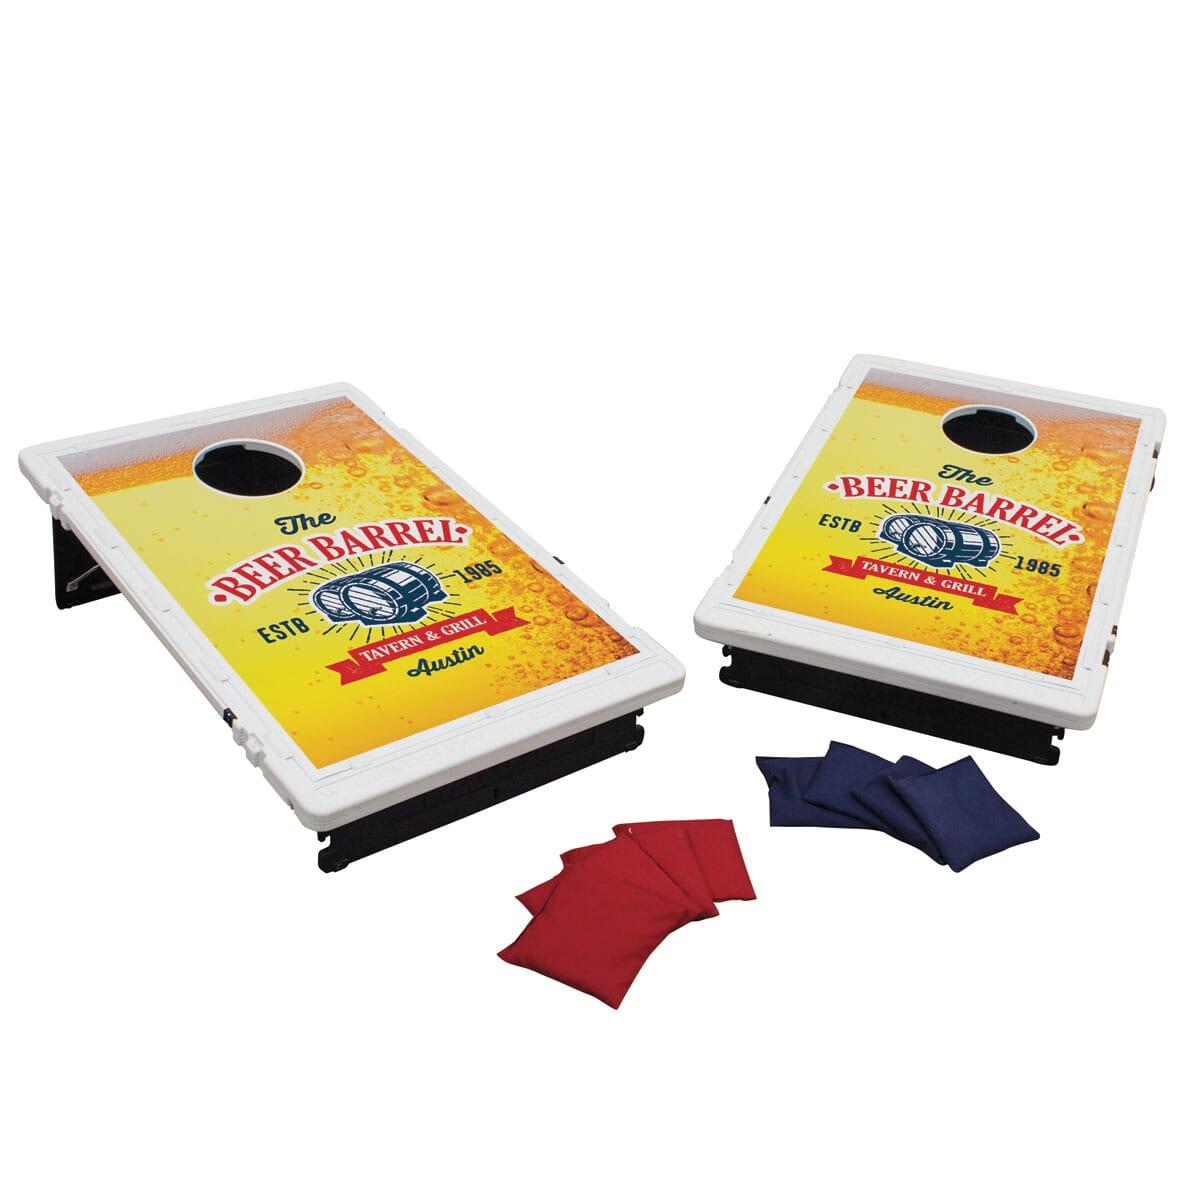 Customized bean bag toss game